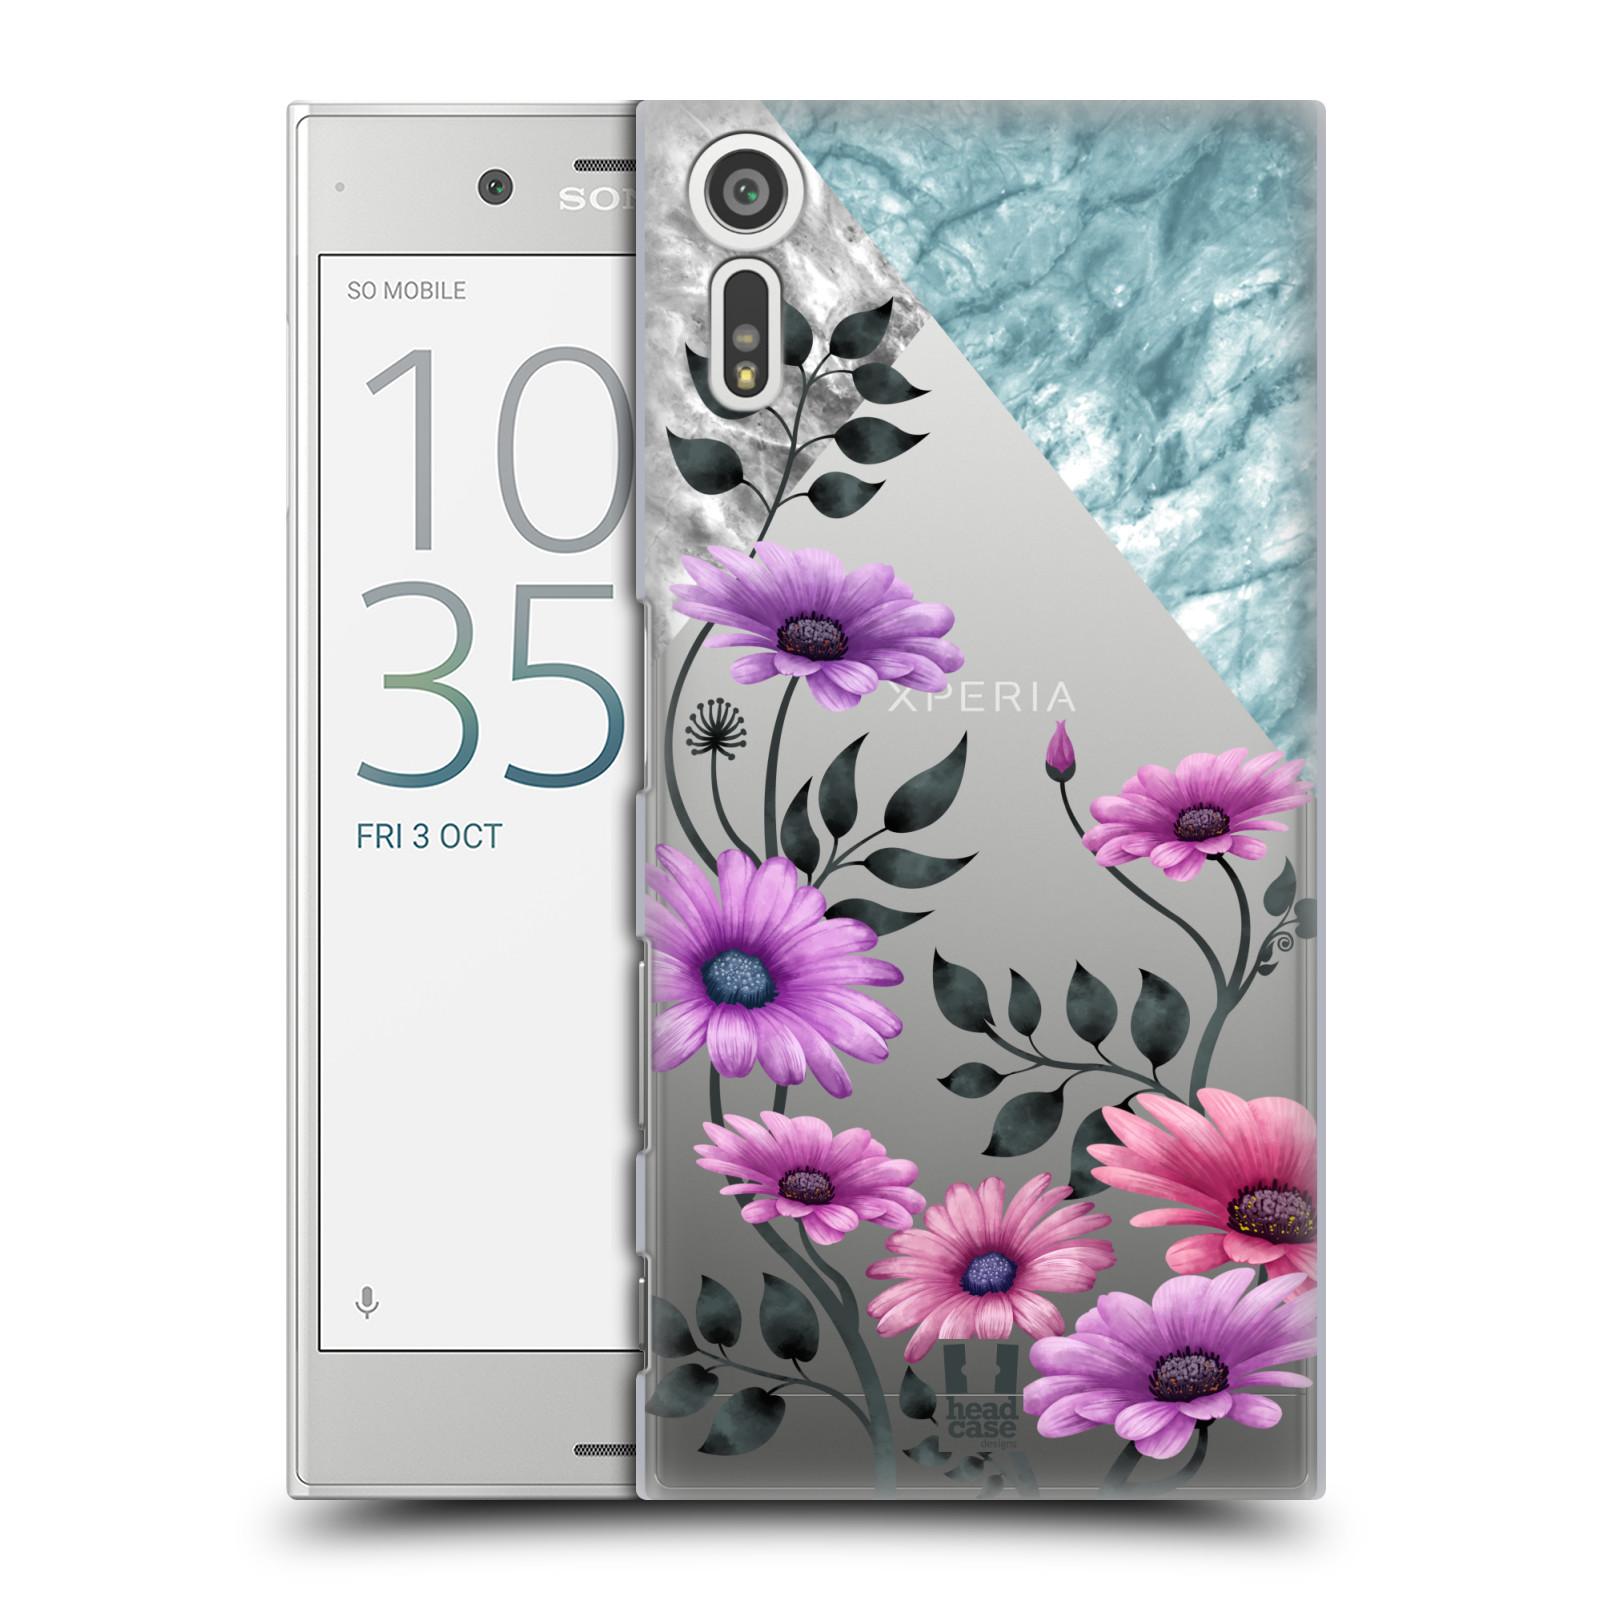 HEAD CASE plastový obal na mobil Sony Xperia XZ květiny hvězdnice, Aster fialová a modrá